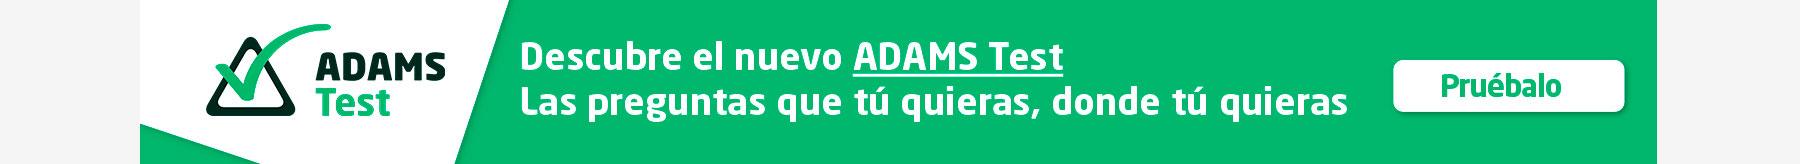 Descubre el nuevo Adams Test